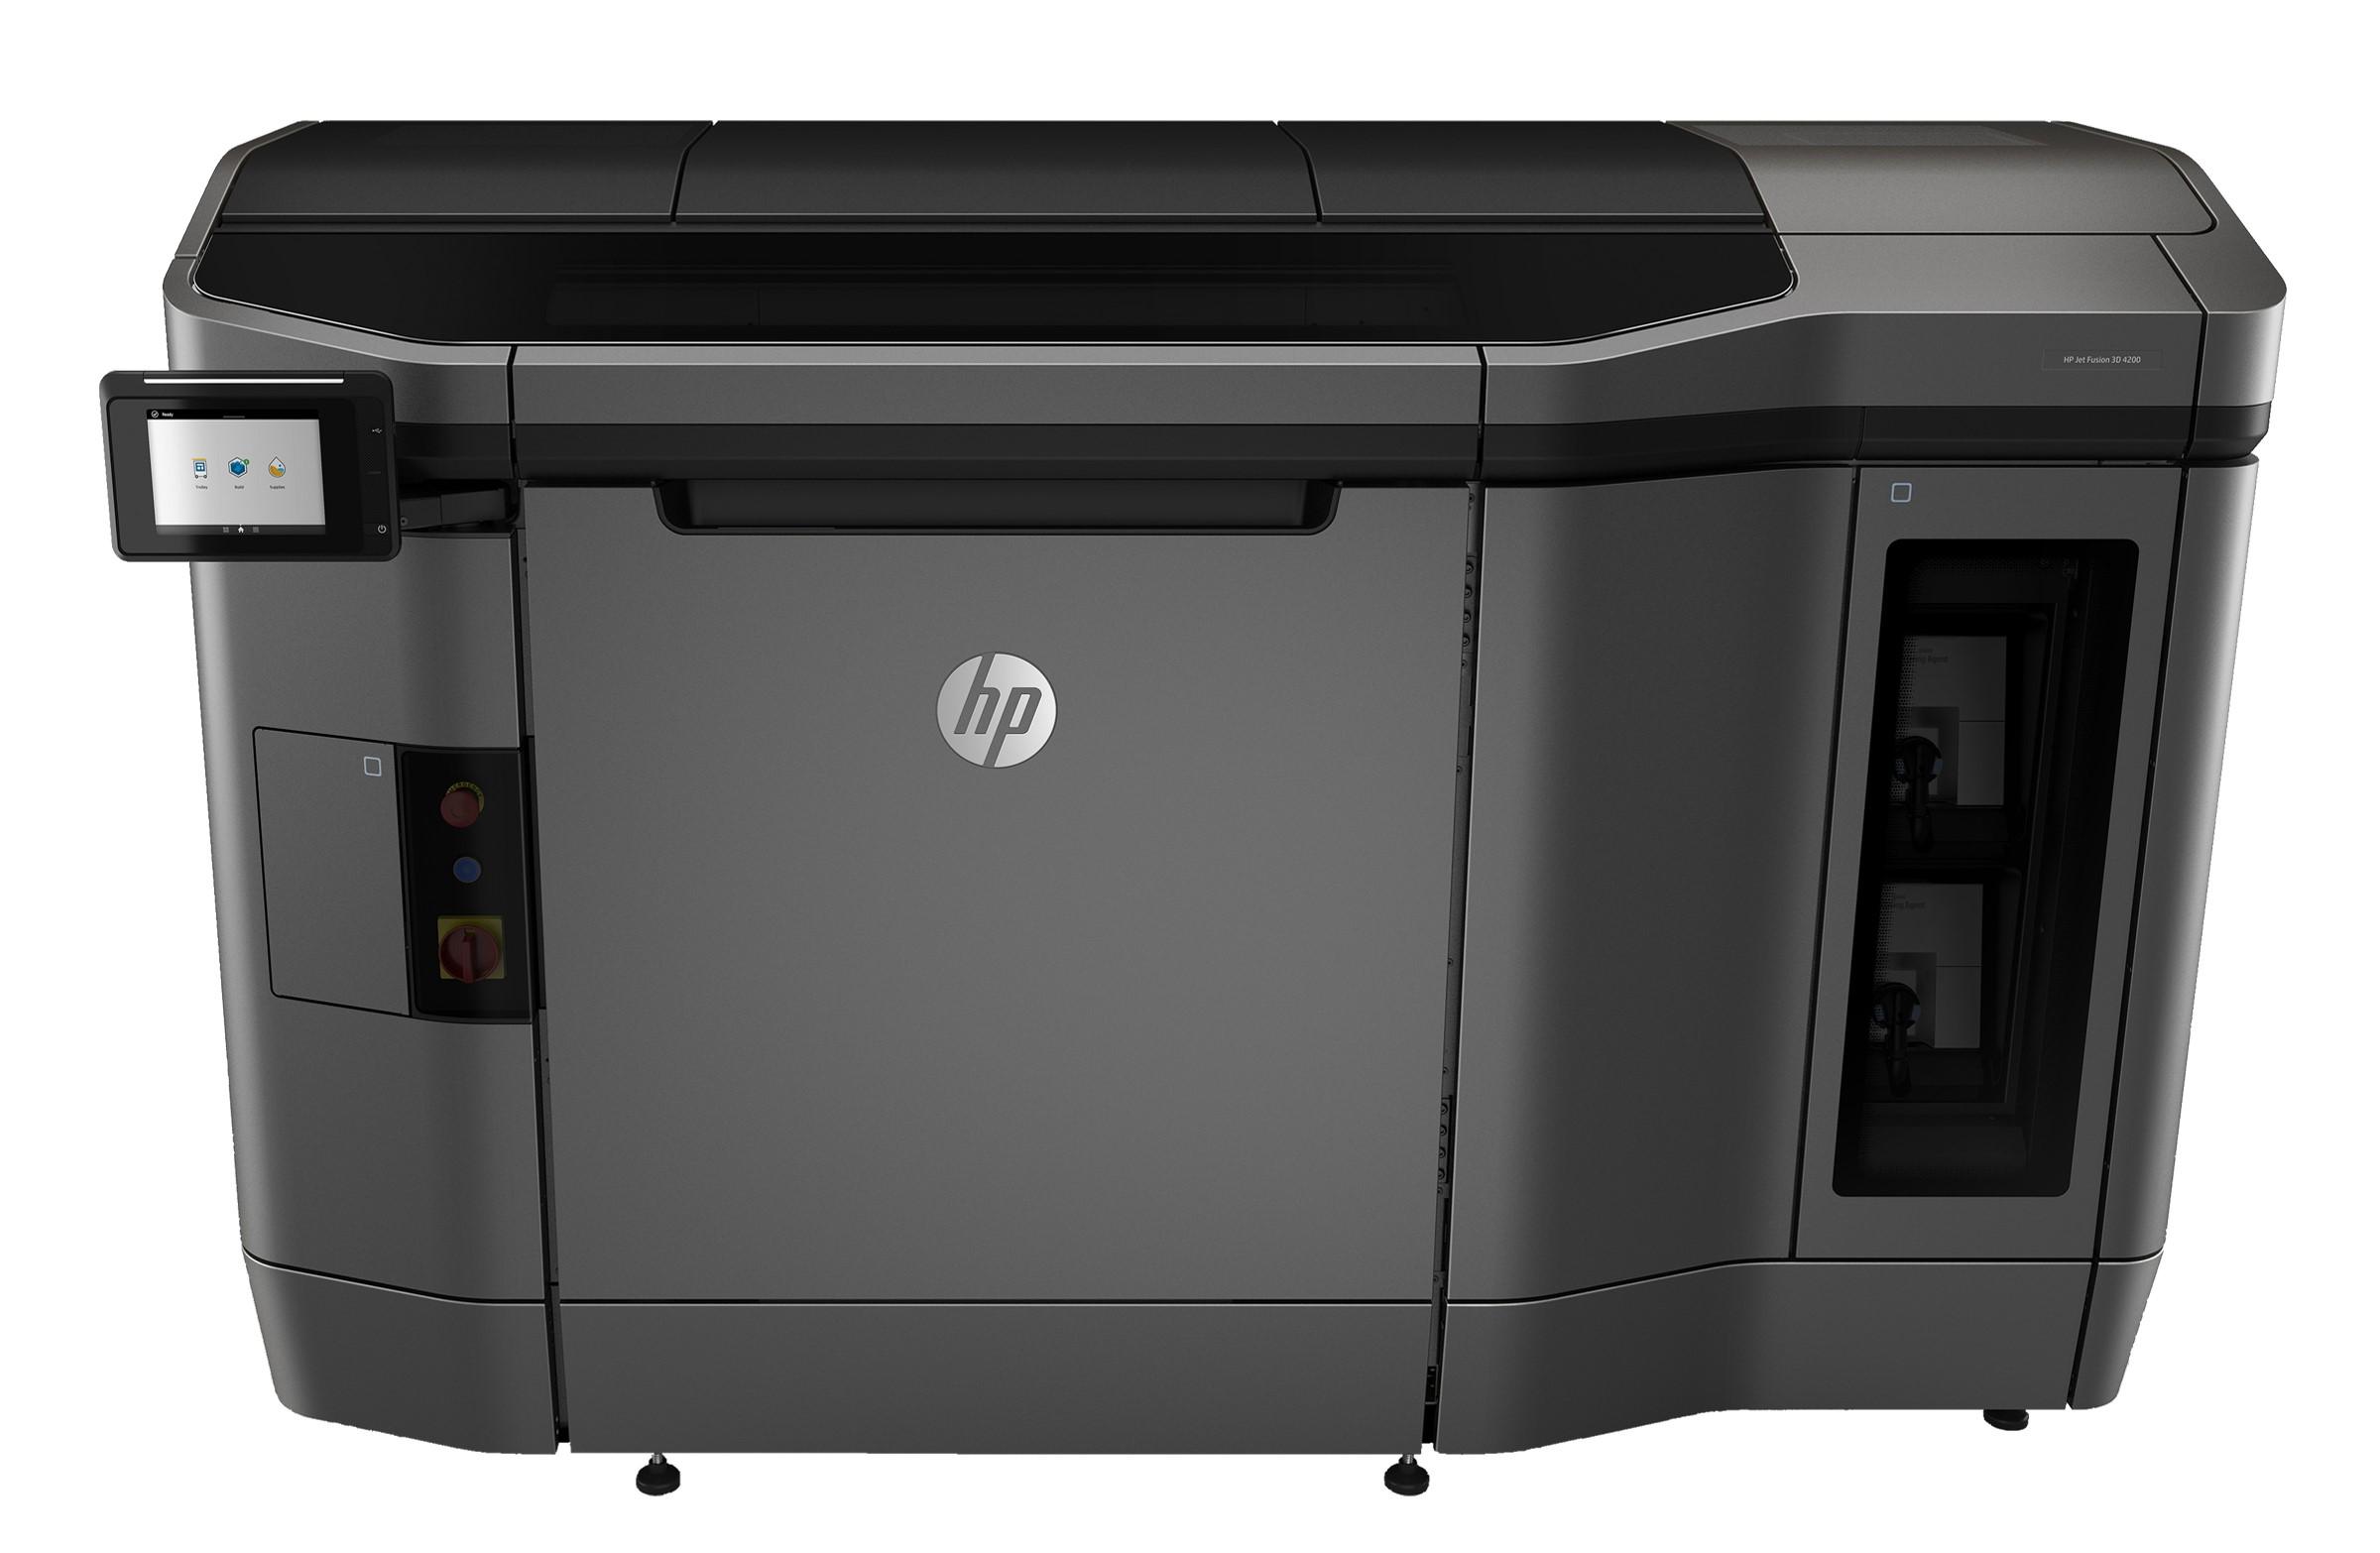 HPがフェイスシールドなどのPPEの製造を開始